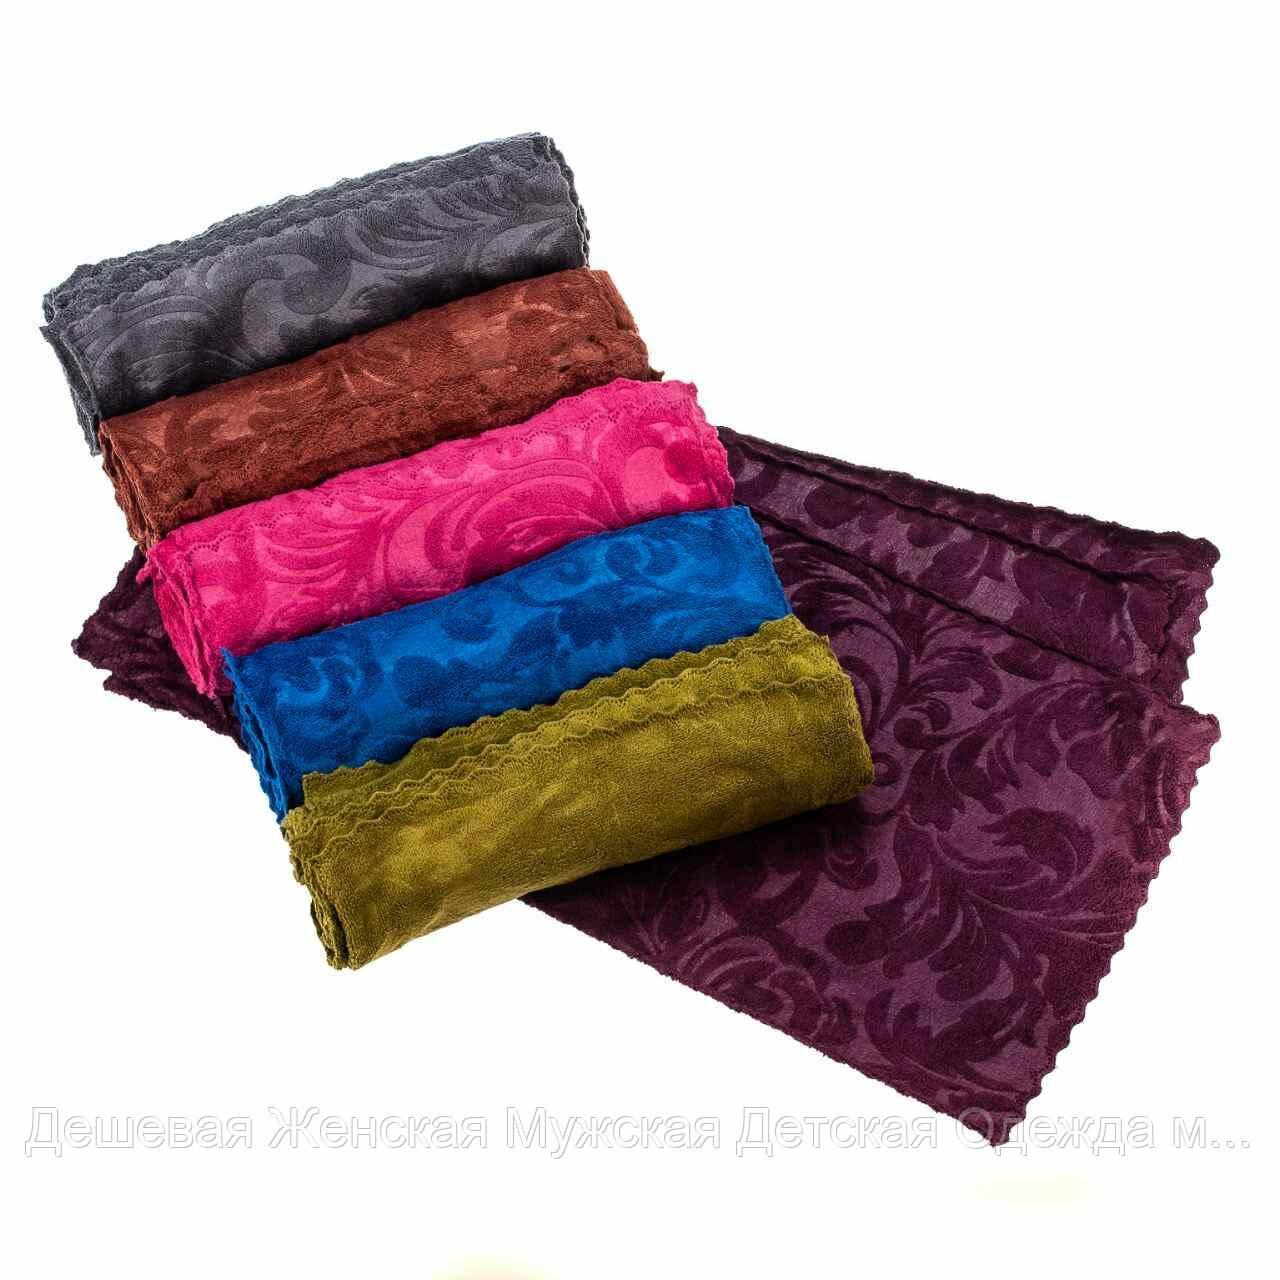 Полотенце кухонное с узором микрофибра. В упаковке 20 шт разного цвета.